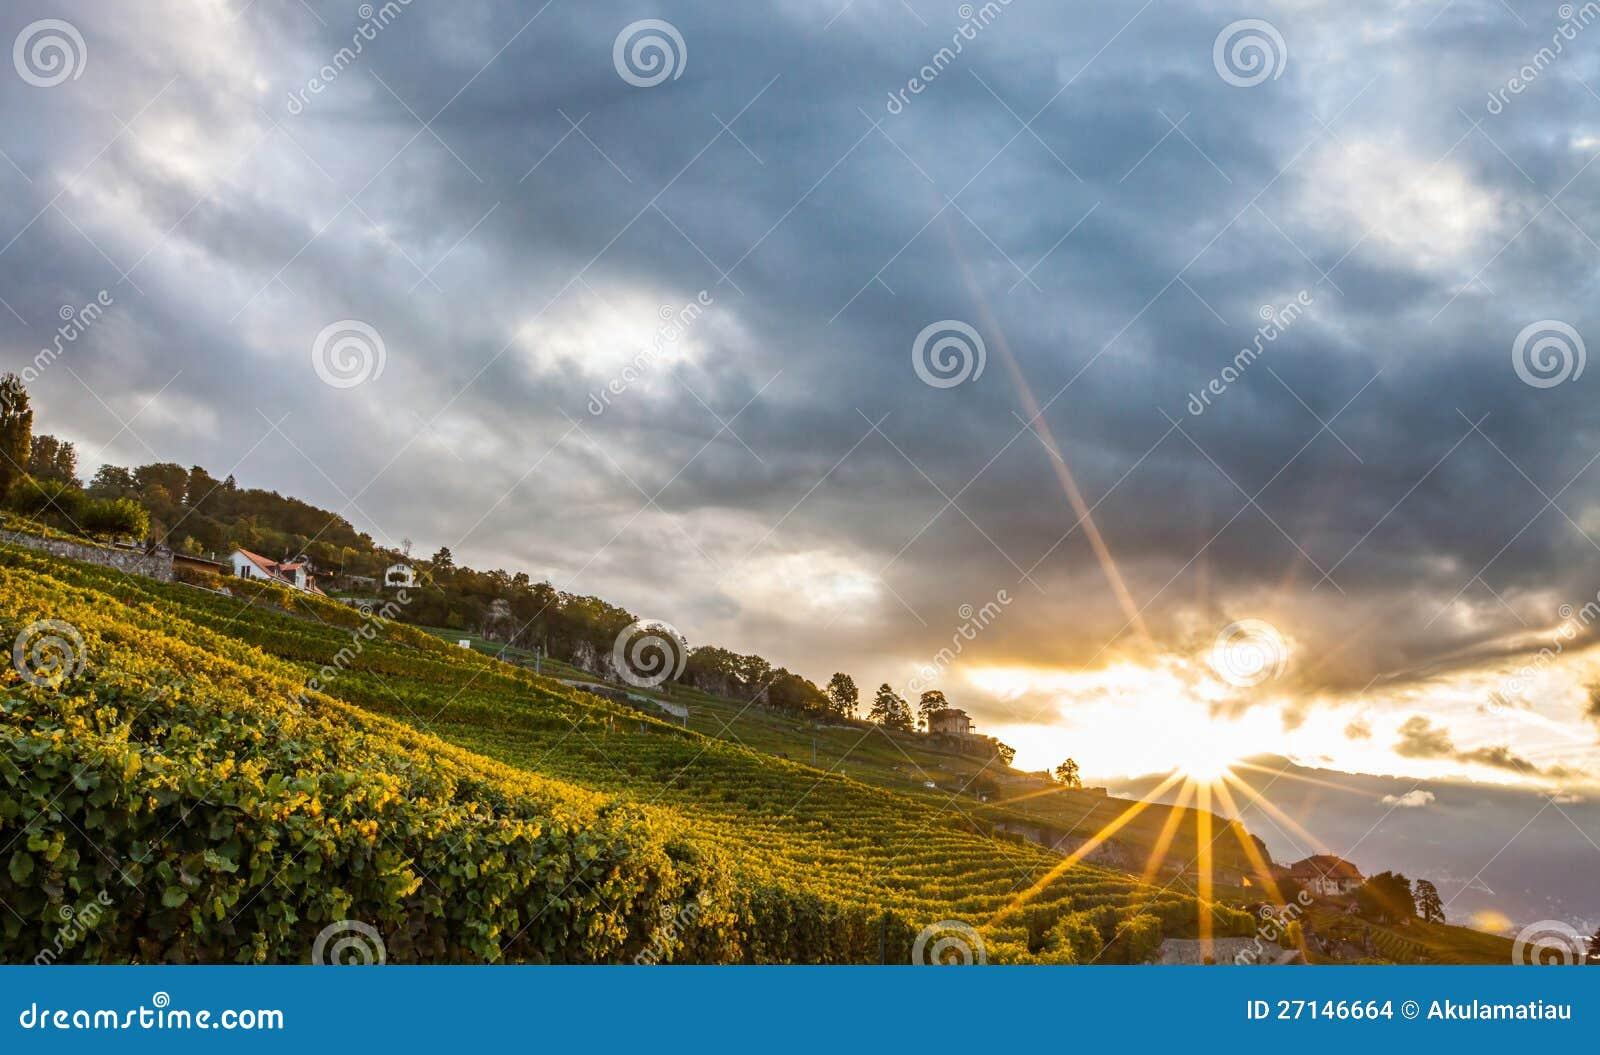 Lavaux zwitserland zonsopgang i van de terrassen van de wijngaard stock foto afbeelding - Afbeeldingen van terrassen verwachten ...